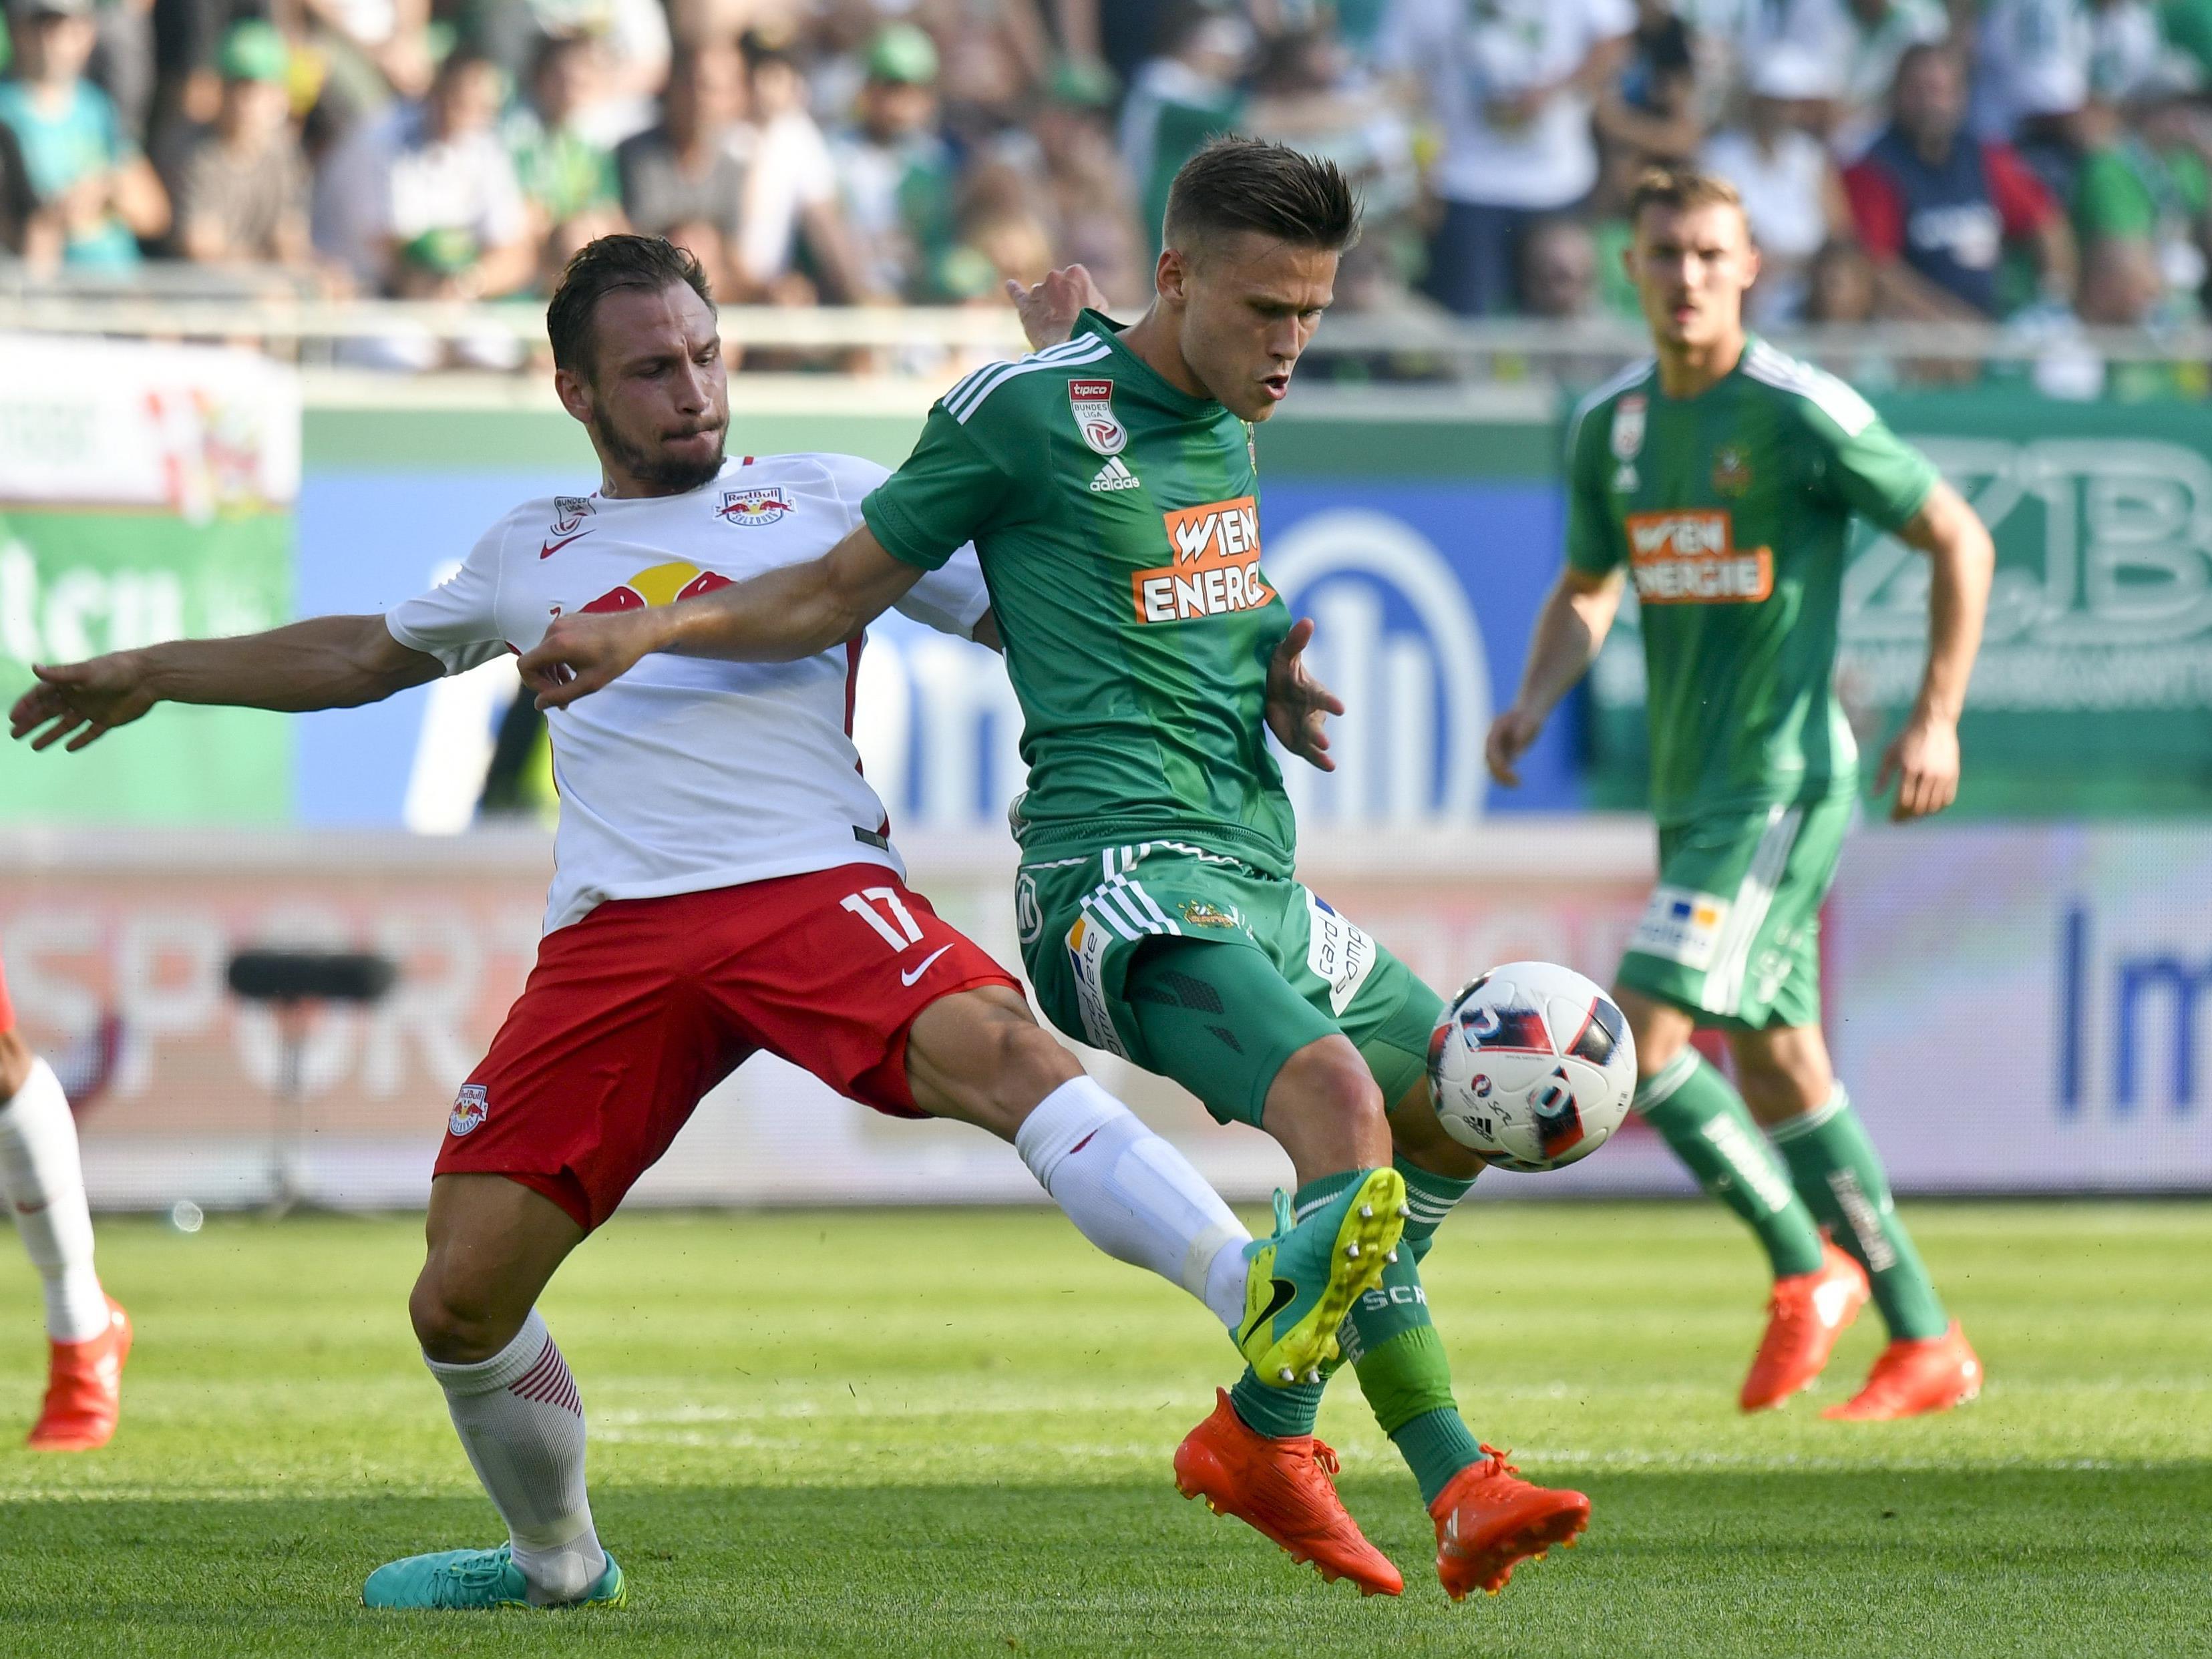 LIVE-Ticker zum Spiel Rapid Wien gegen Red Bull Salzburg ab 16.30 Uhr.